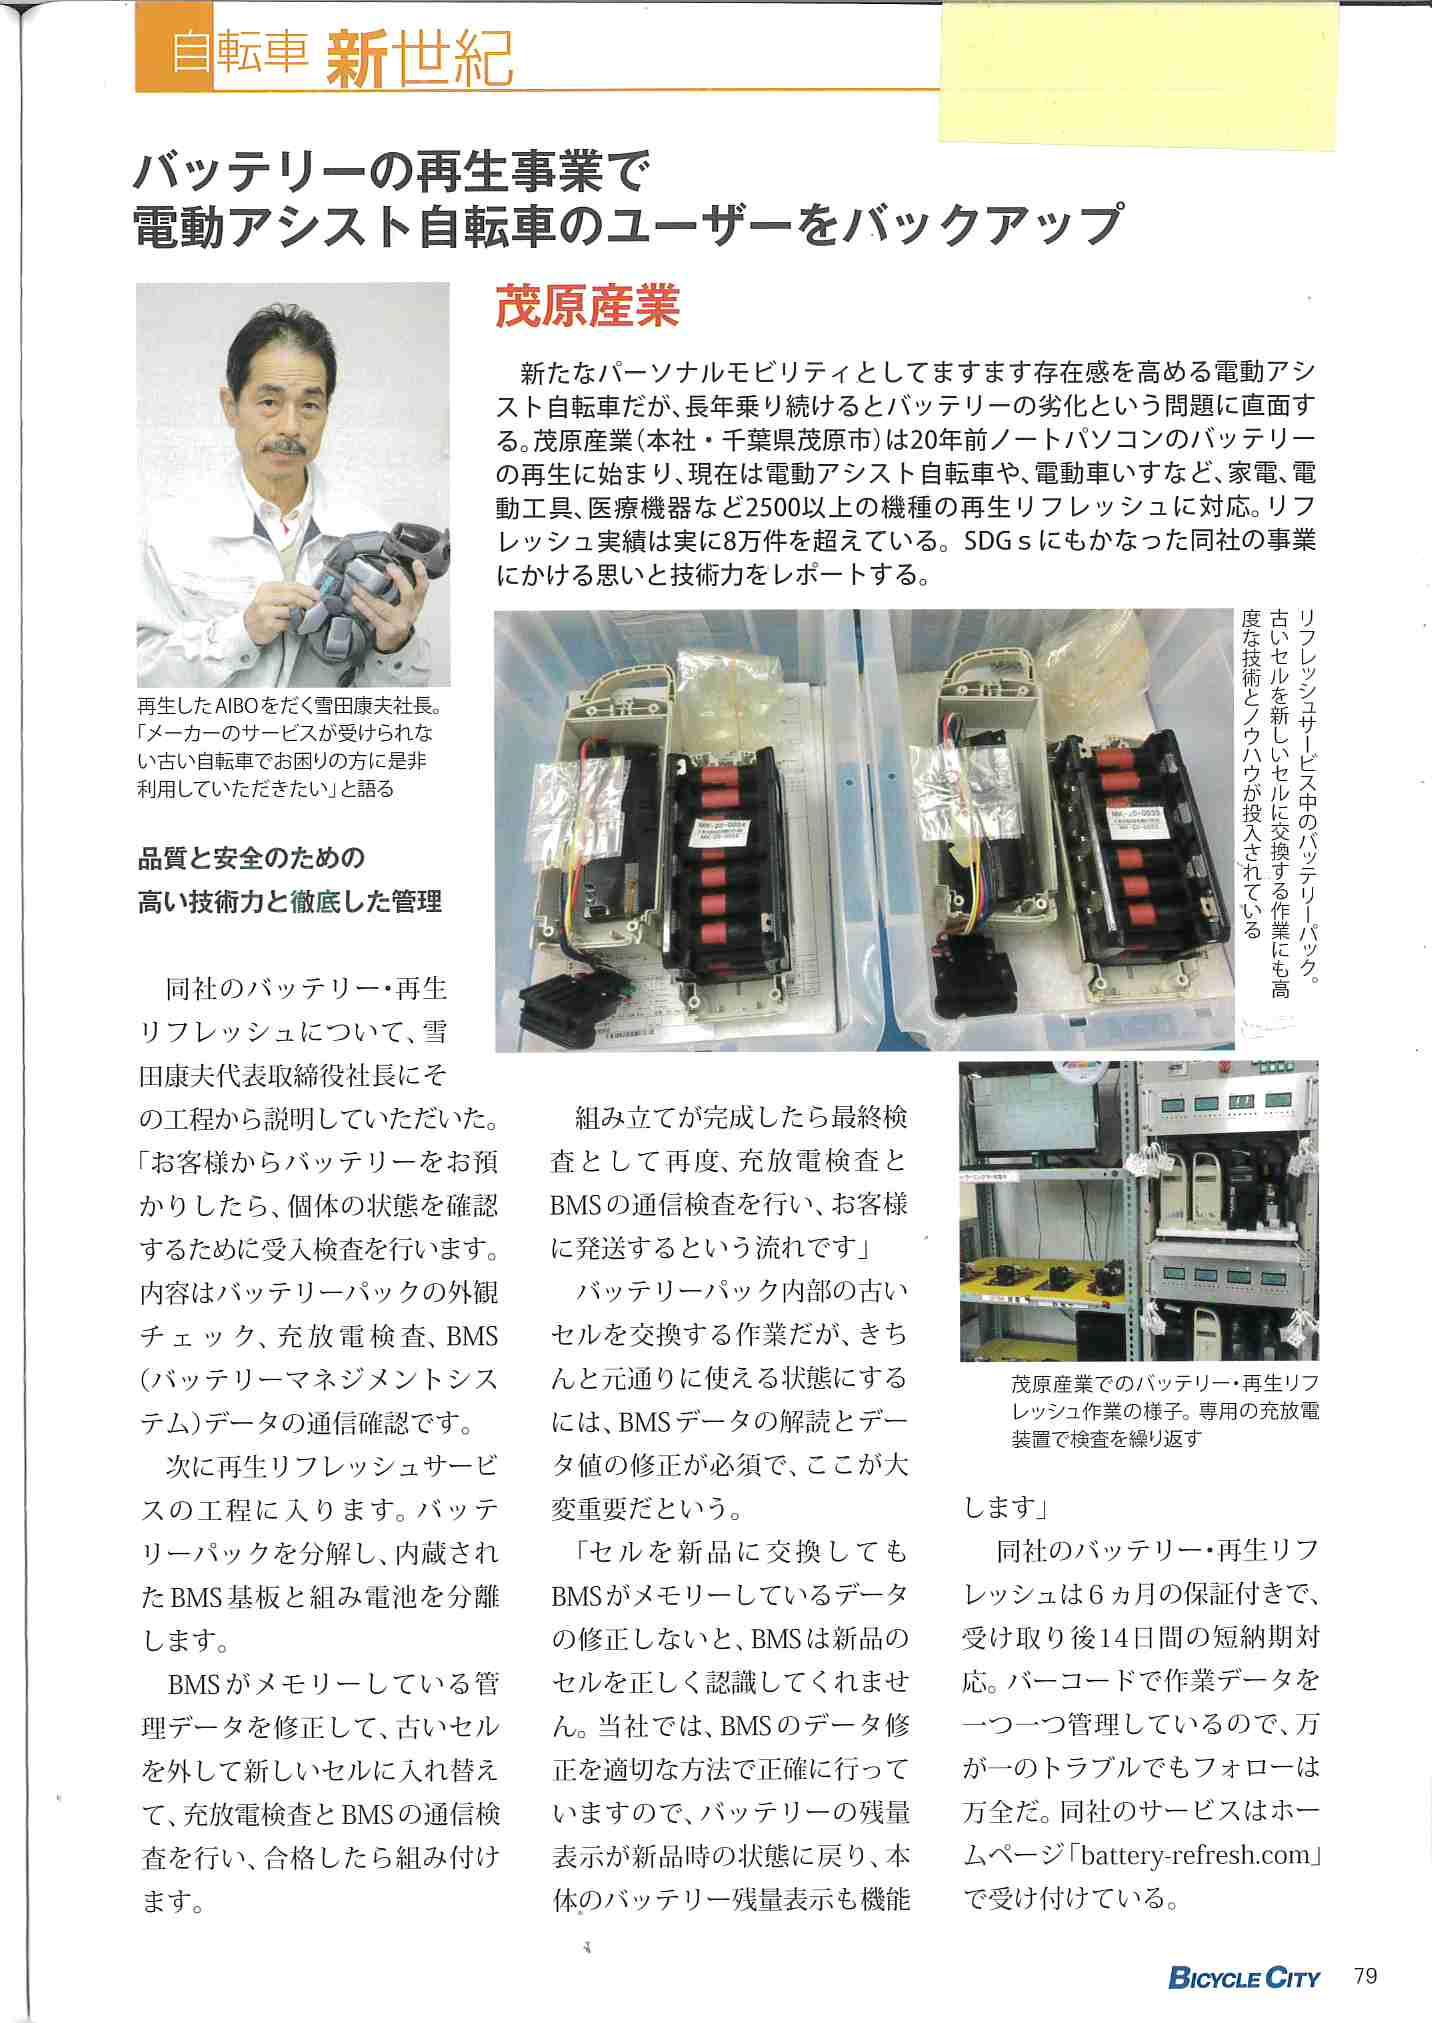 茂原産業紹介記事